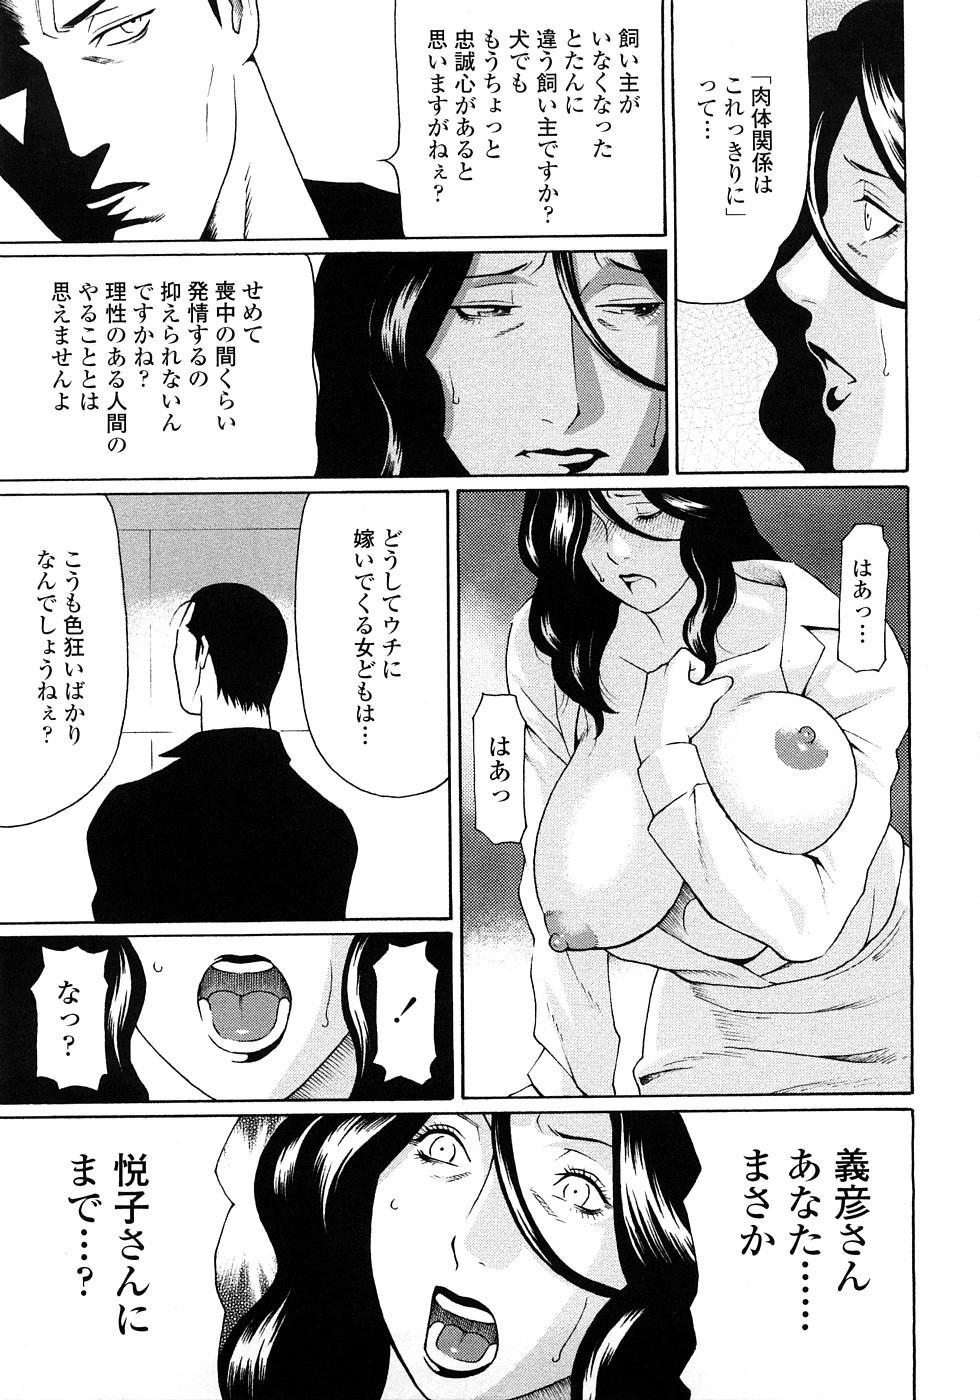 Etsuraku no Tobira - The Door of Sexual Pleasure 207